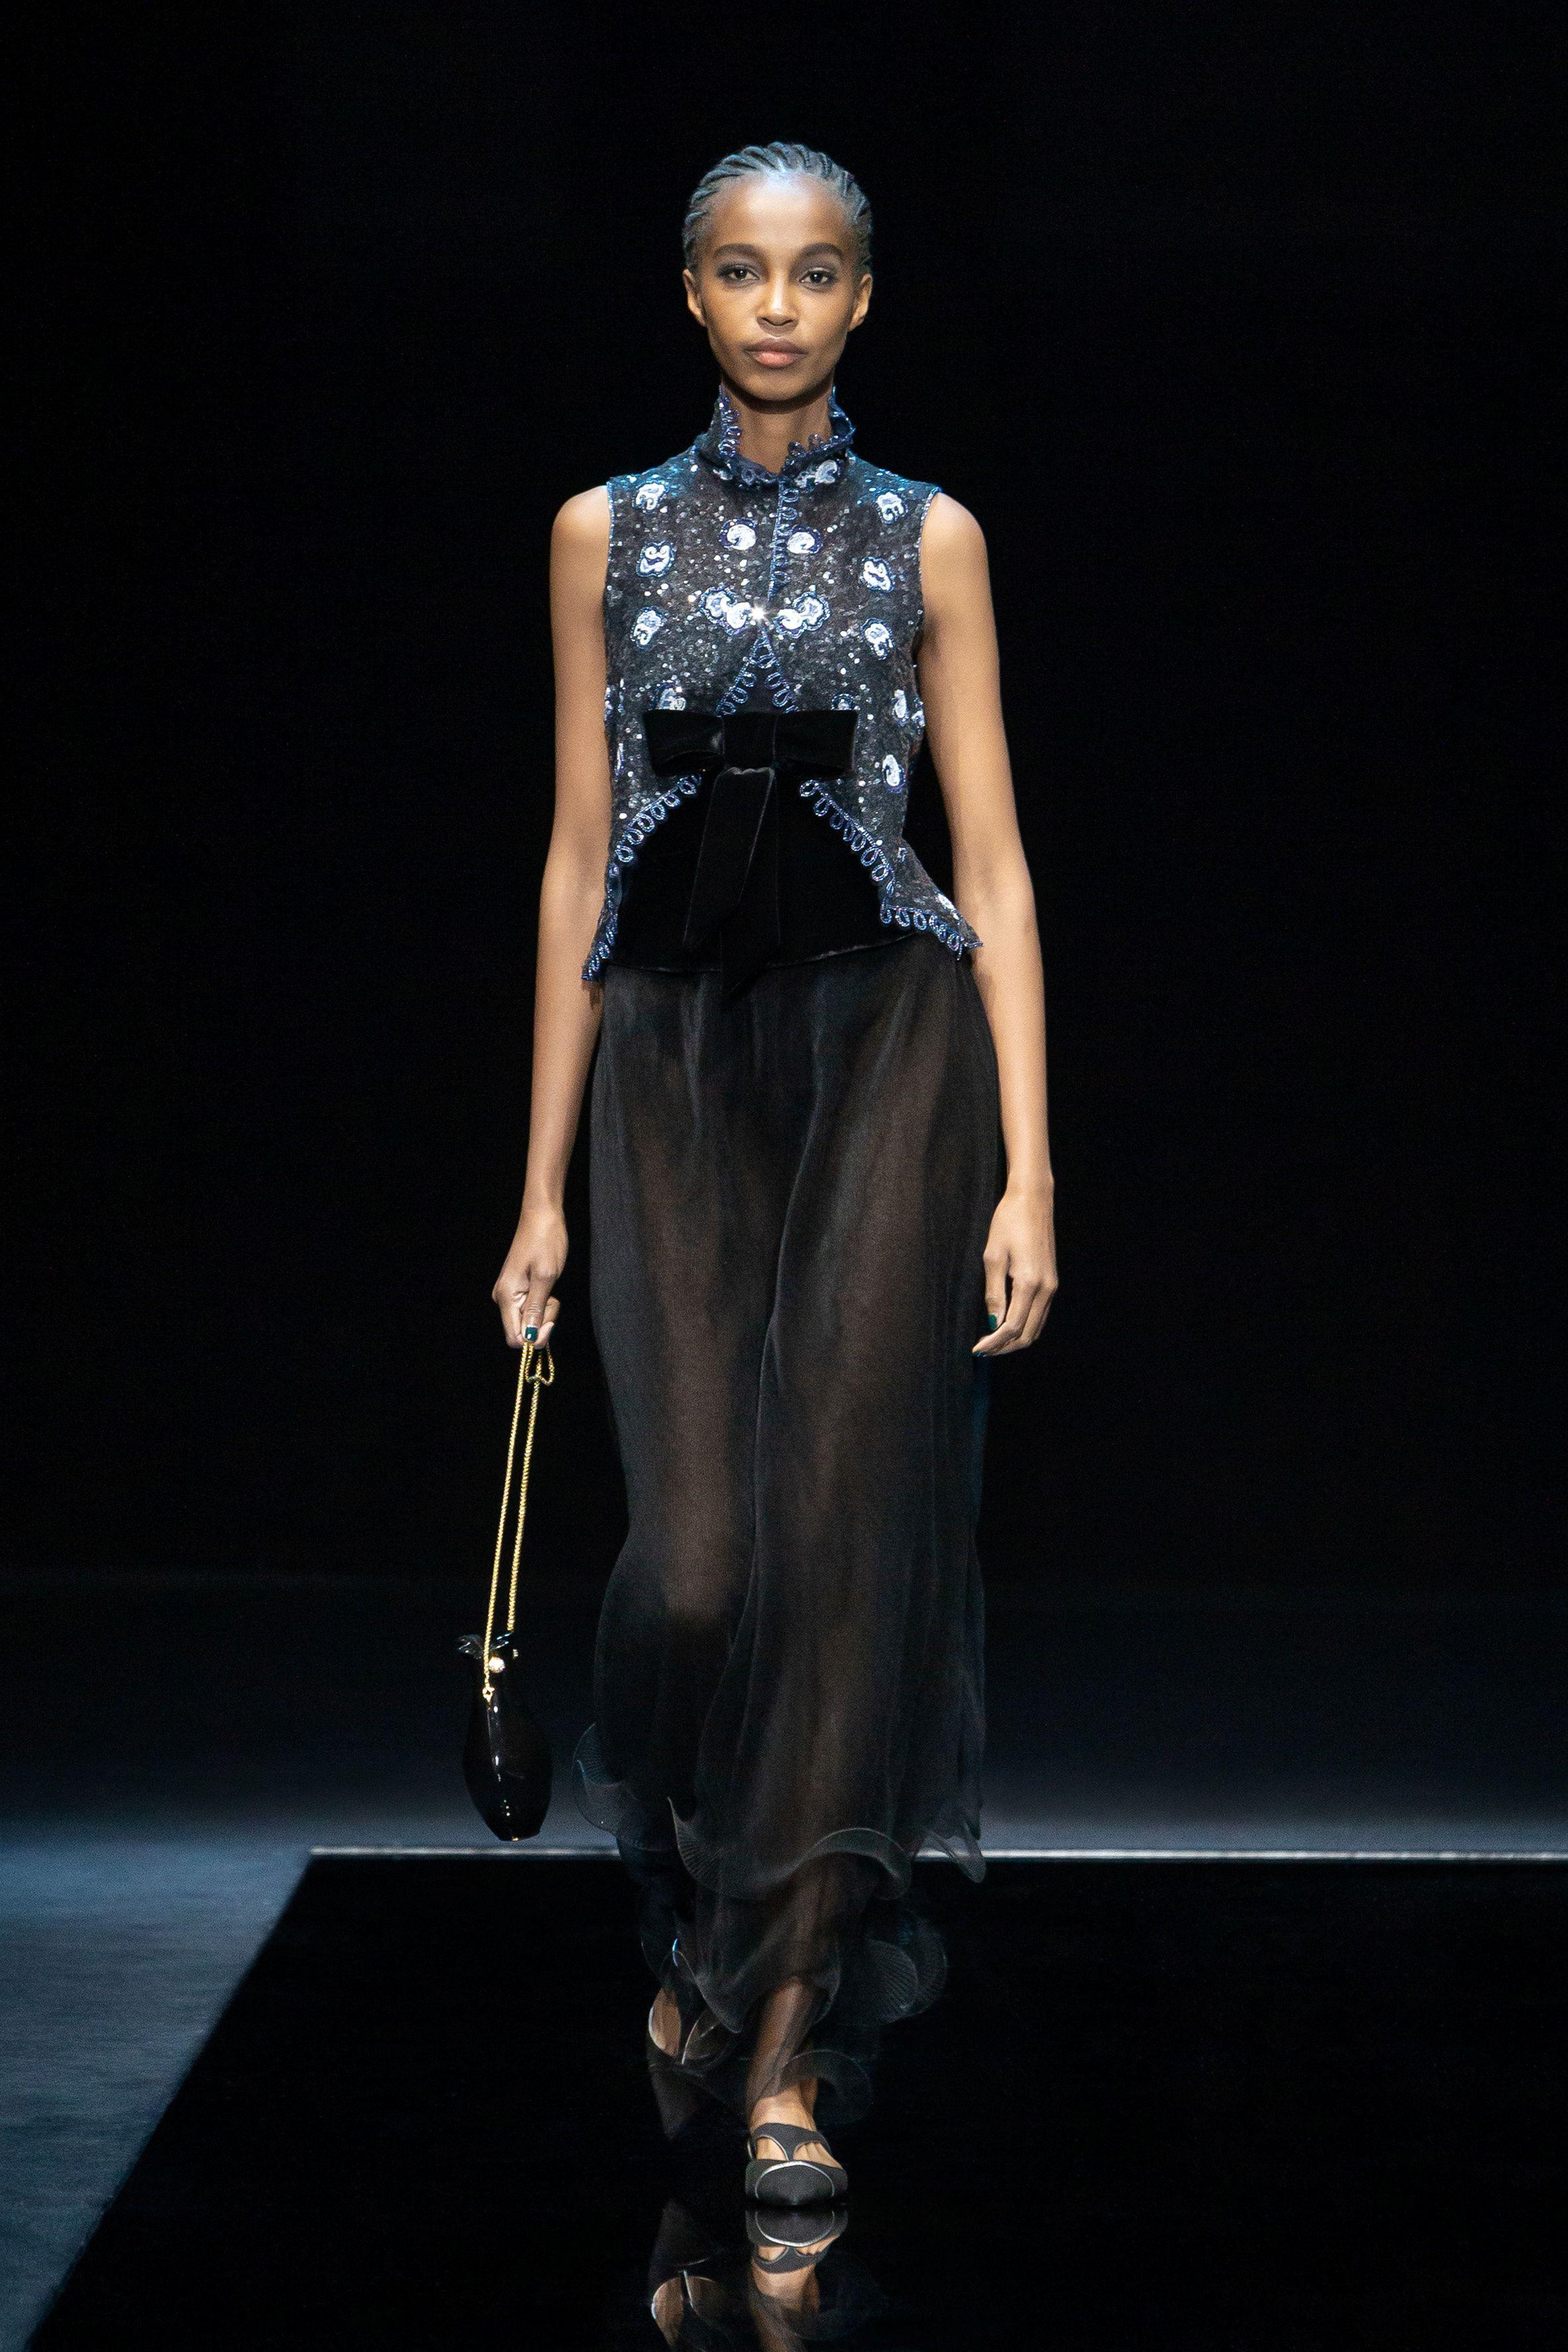 El desfile del diseñador italiano Giorgio Armani ha sido el protagonista de la Semana de la Moda de Milán, con una colección de noche para el día. con el terciopelo negro y el raso brillante en azules suaves como texturas destacadas y estampados geométricos